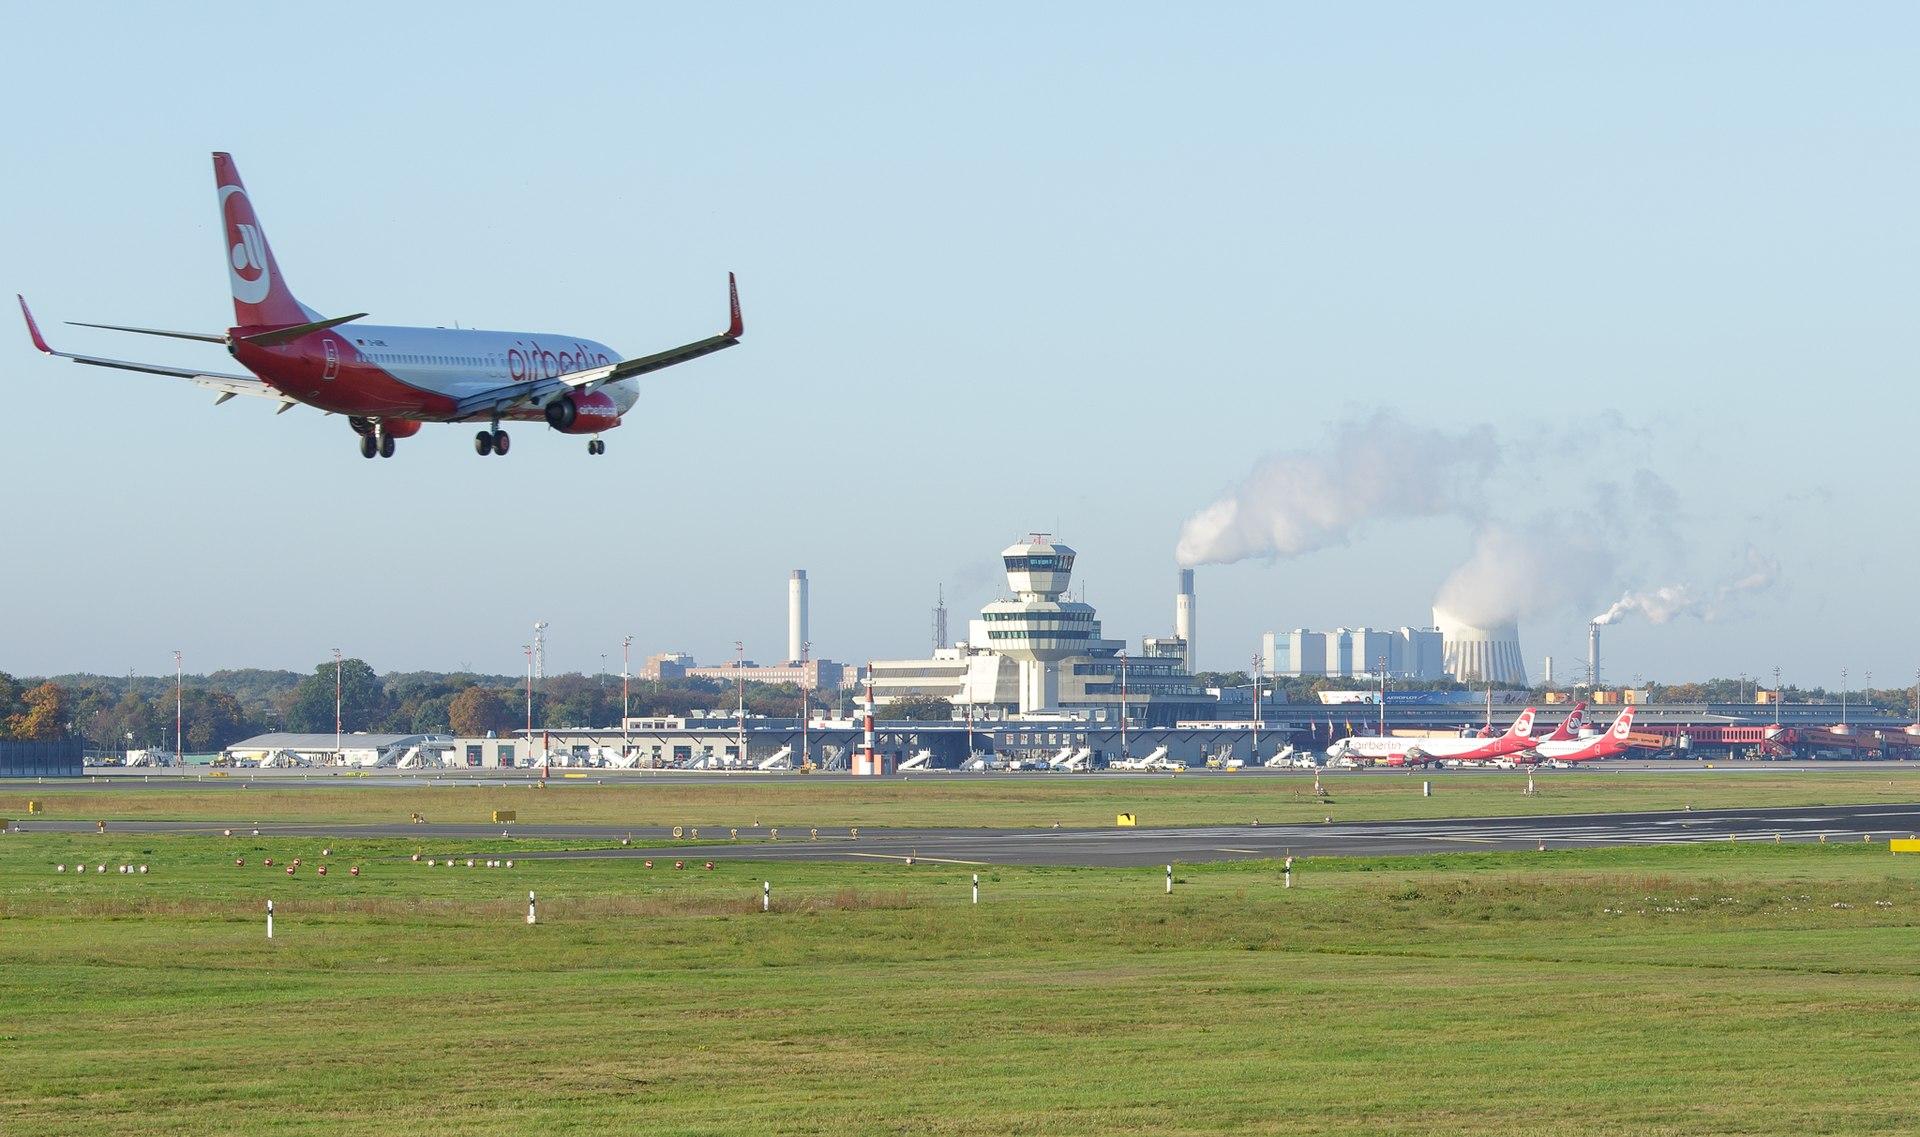 Flughafen Berlin-Tegel – Wikipedia